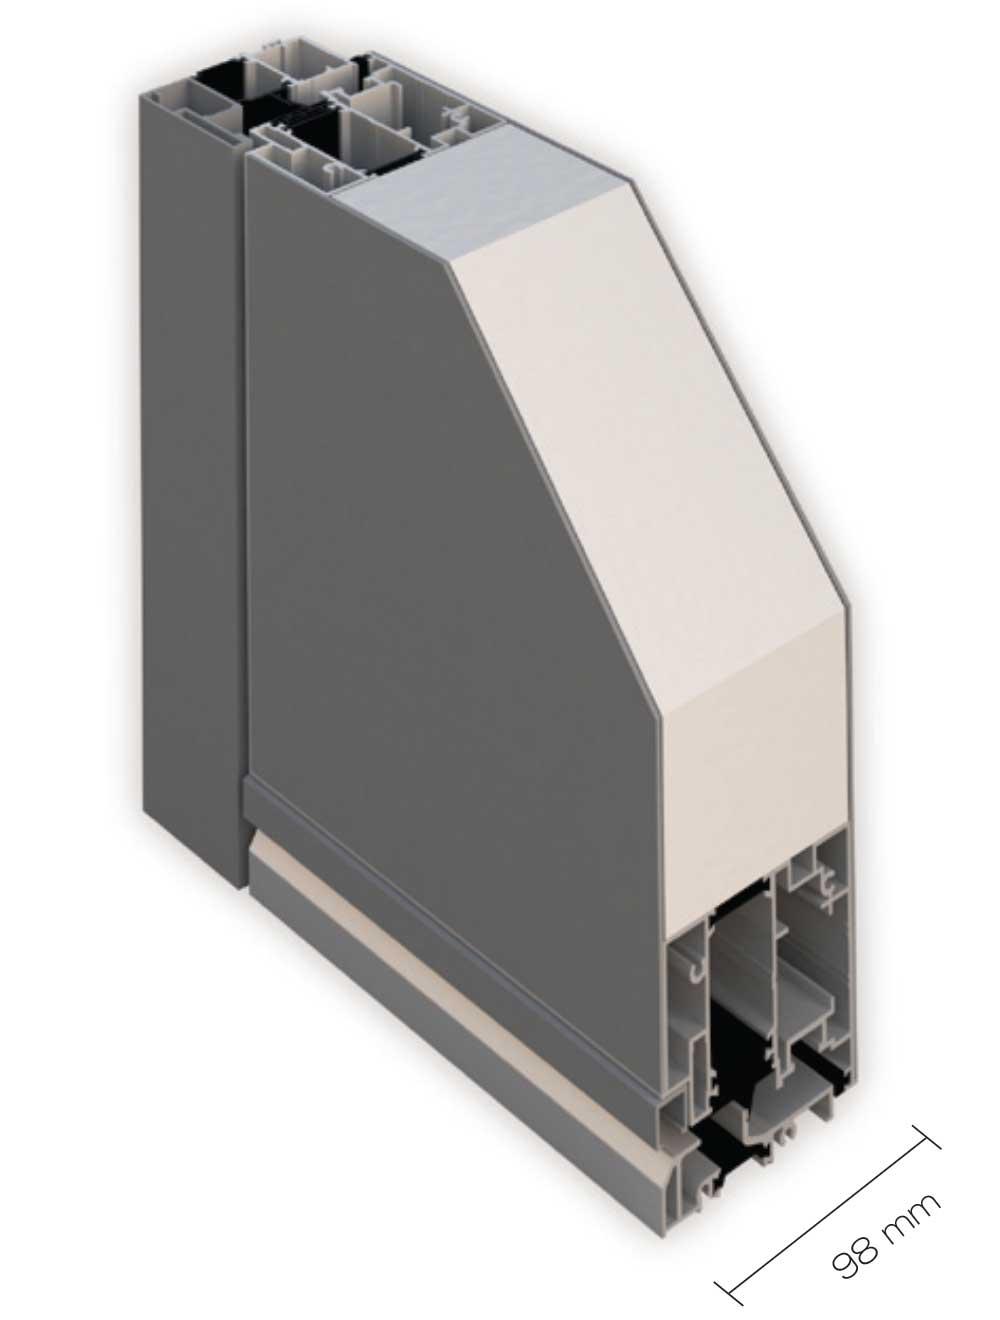 sezioni kds KDS100 Portoncini in alluminio Kopen. Clast apre allinnovazione Made in Italy. | Clast srl: porte, portoni, sicurezza, cancelli, automazioni. Via Soncino 5, Trescore Cremasco